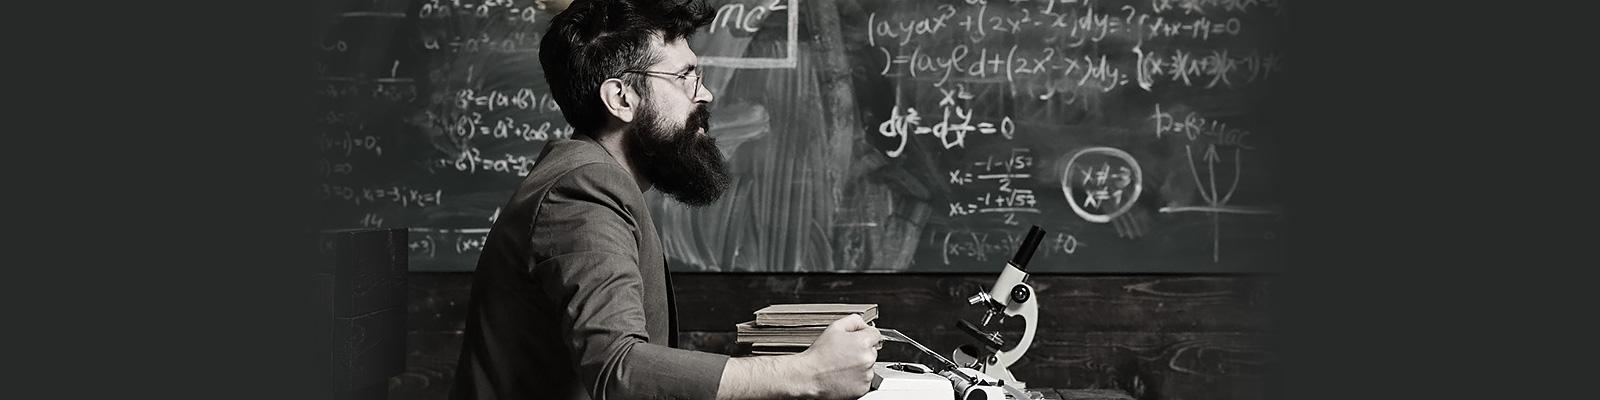 数学 学者 コミュニケーション イメージ